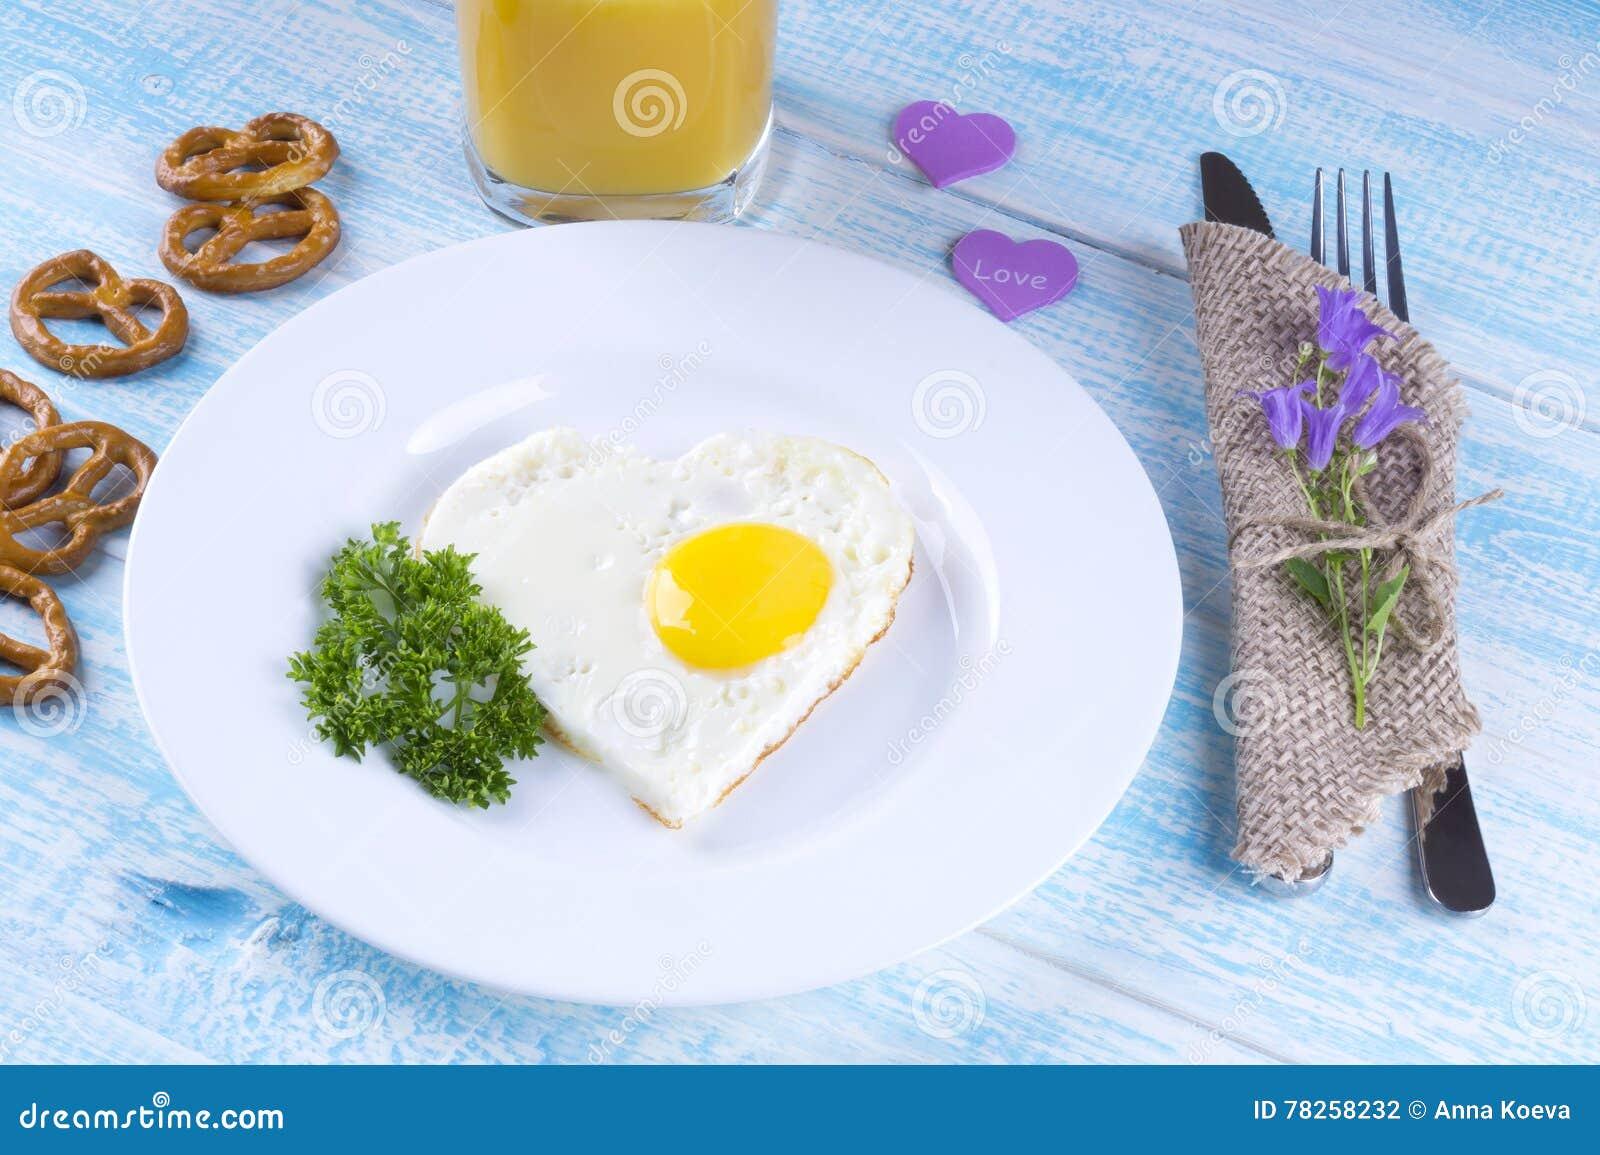 Τηγανισμένο αυγό με μορφή μιας καρδιάς, μια ανθοδέσμη των λουλουδιών, πρόσφατα